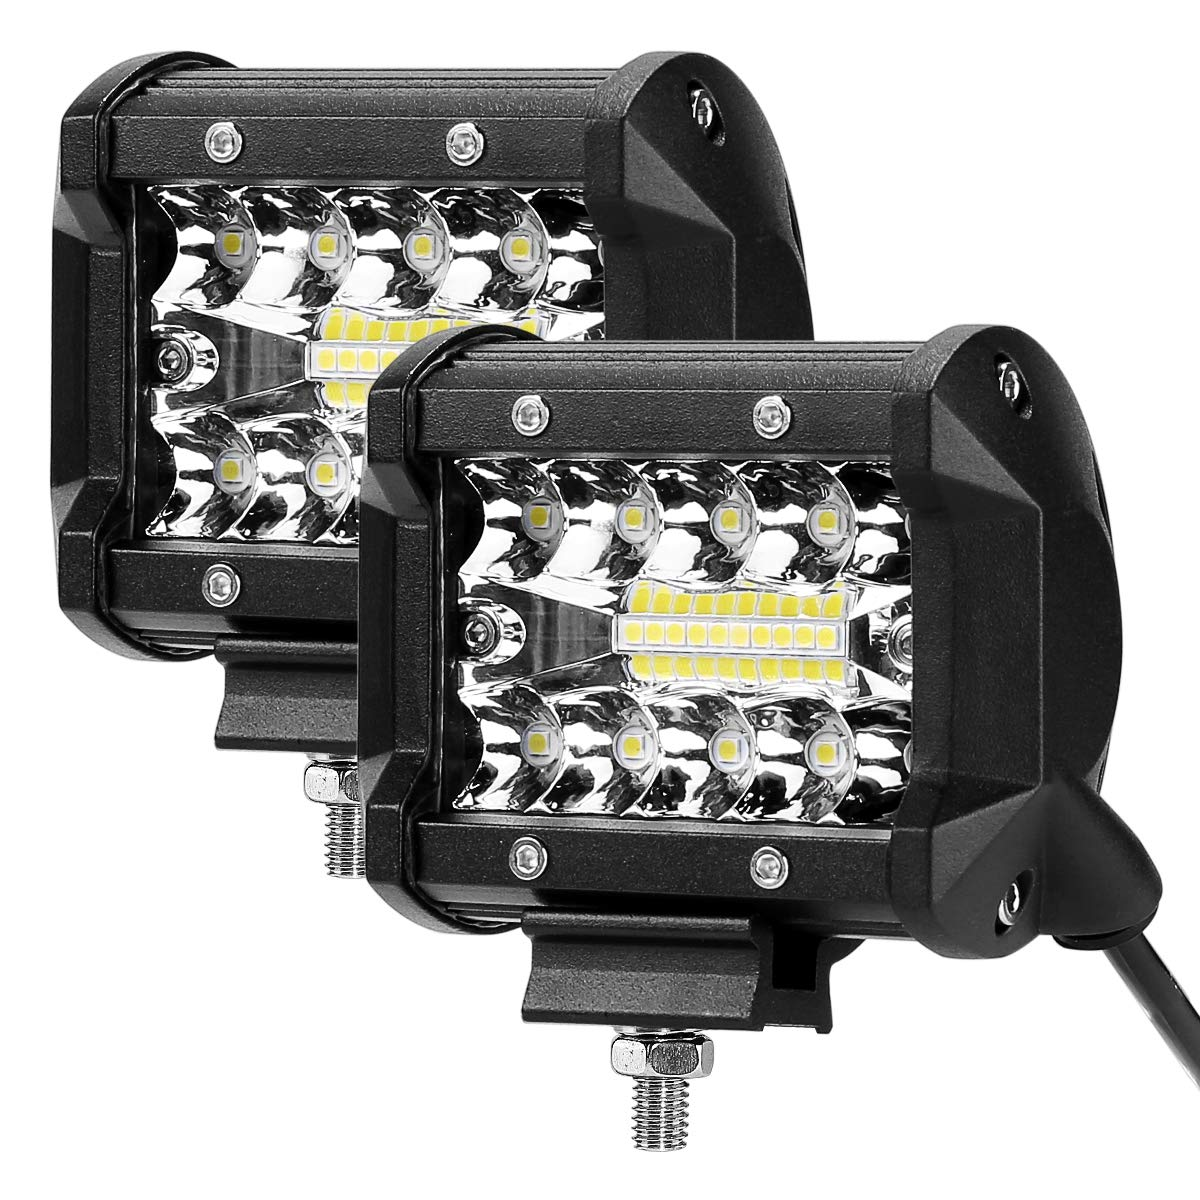 LE 2 Fari LED 60W x 2, fascio di luce combinato, Proiettore Fendinebbia Impermeabile IP68, 9600lm, 6000K per per Fuoristrada Macchina Barca Camper Mezzi pesanti Trattore Caravan Lighting EVER